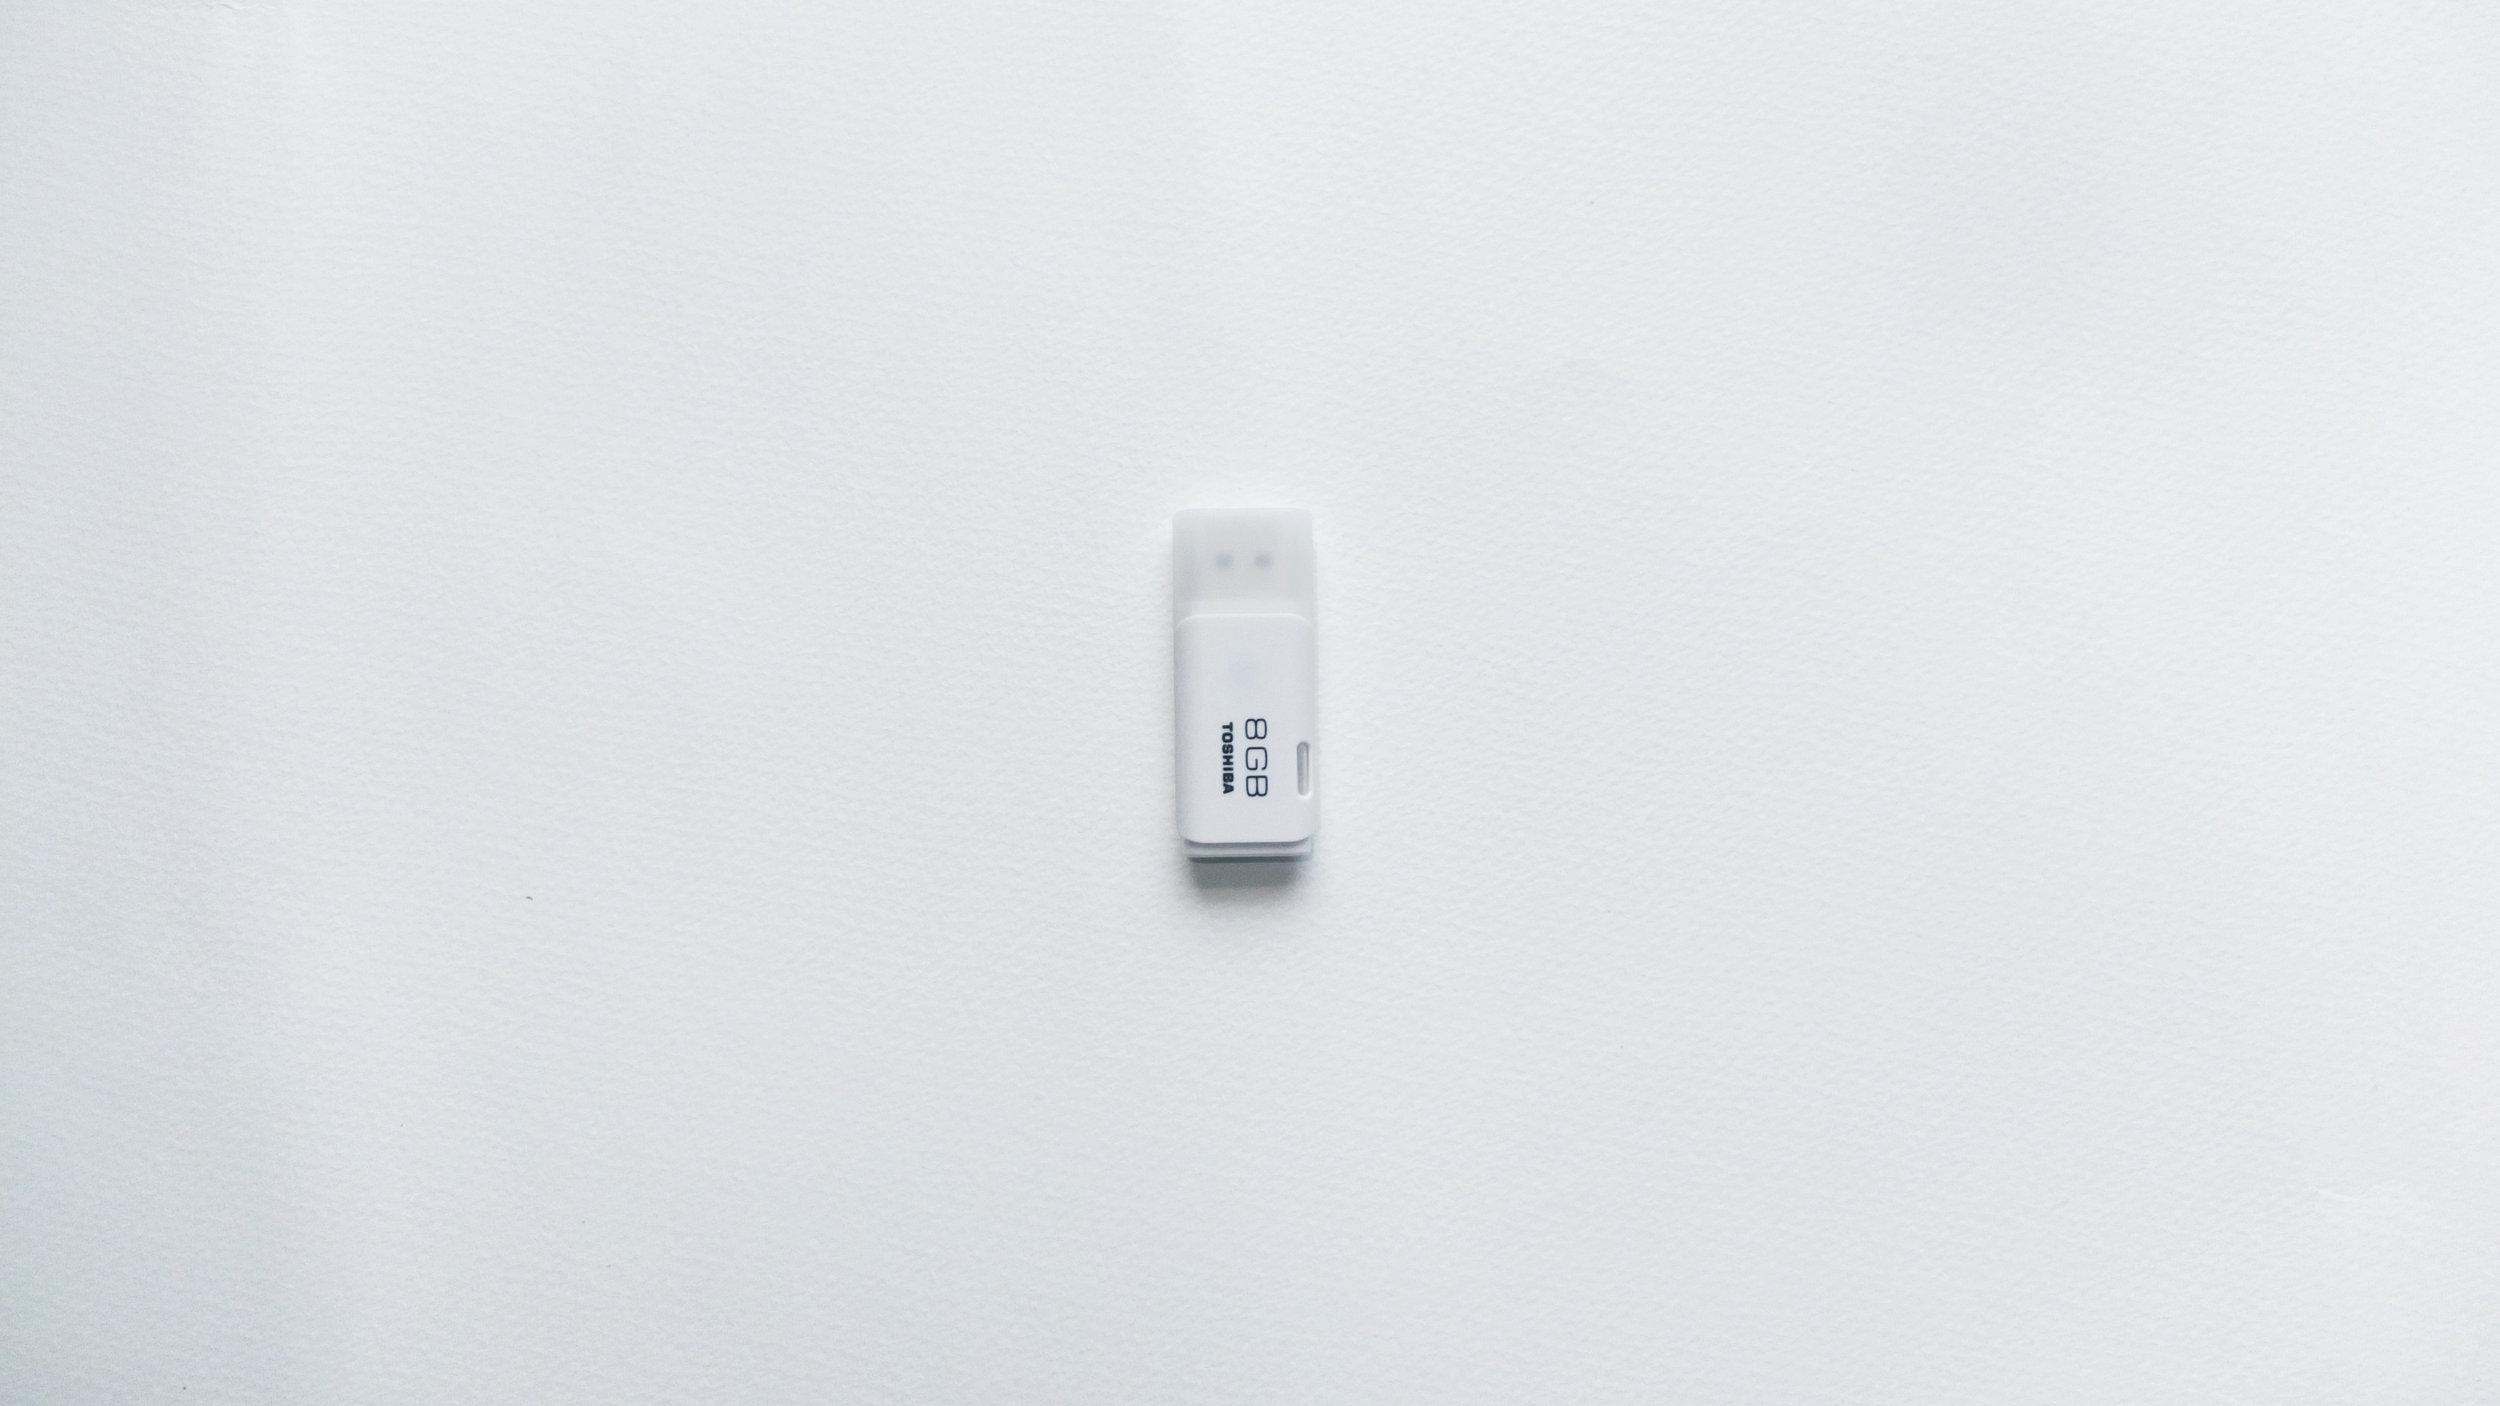 USB No.52